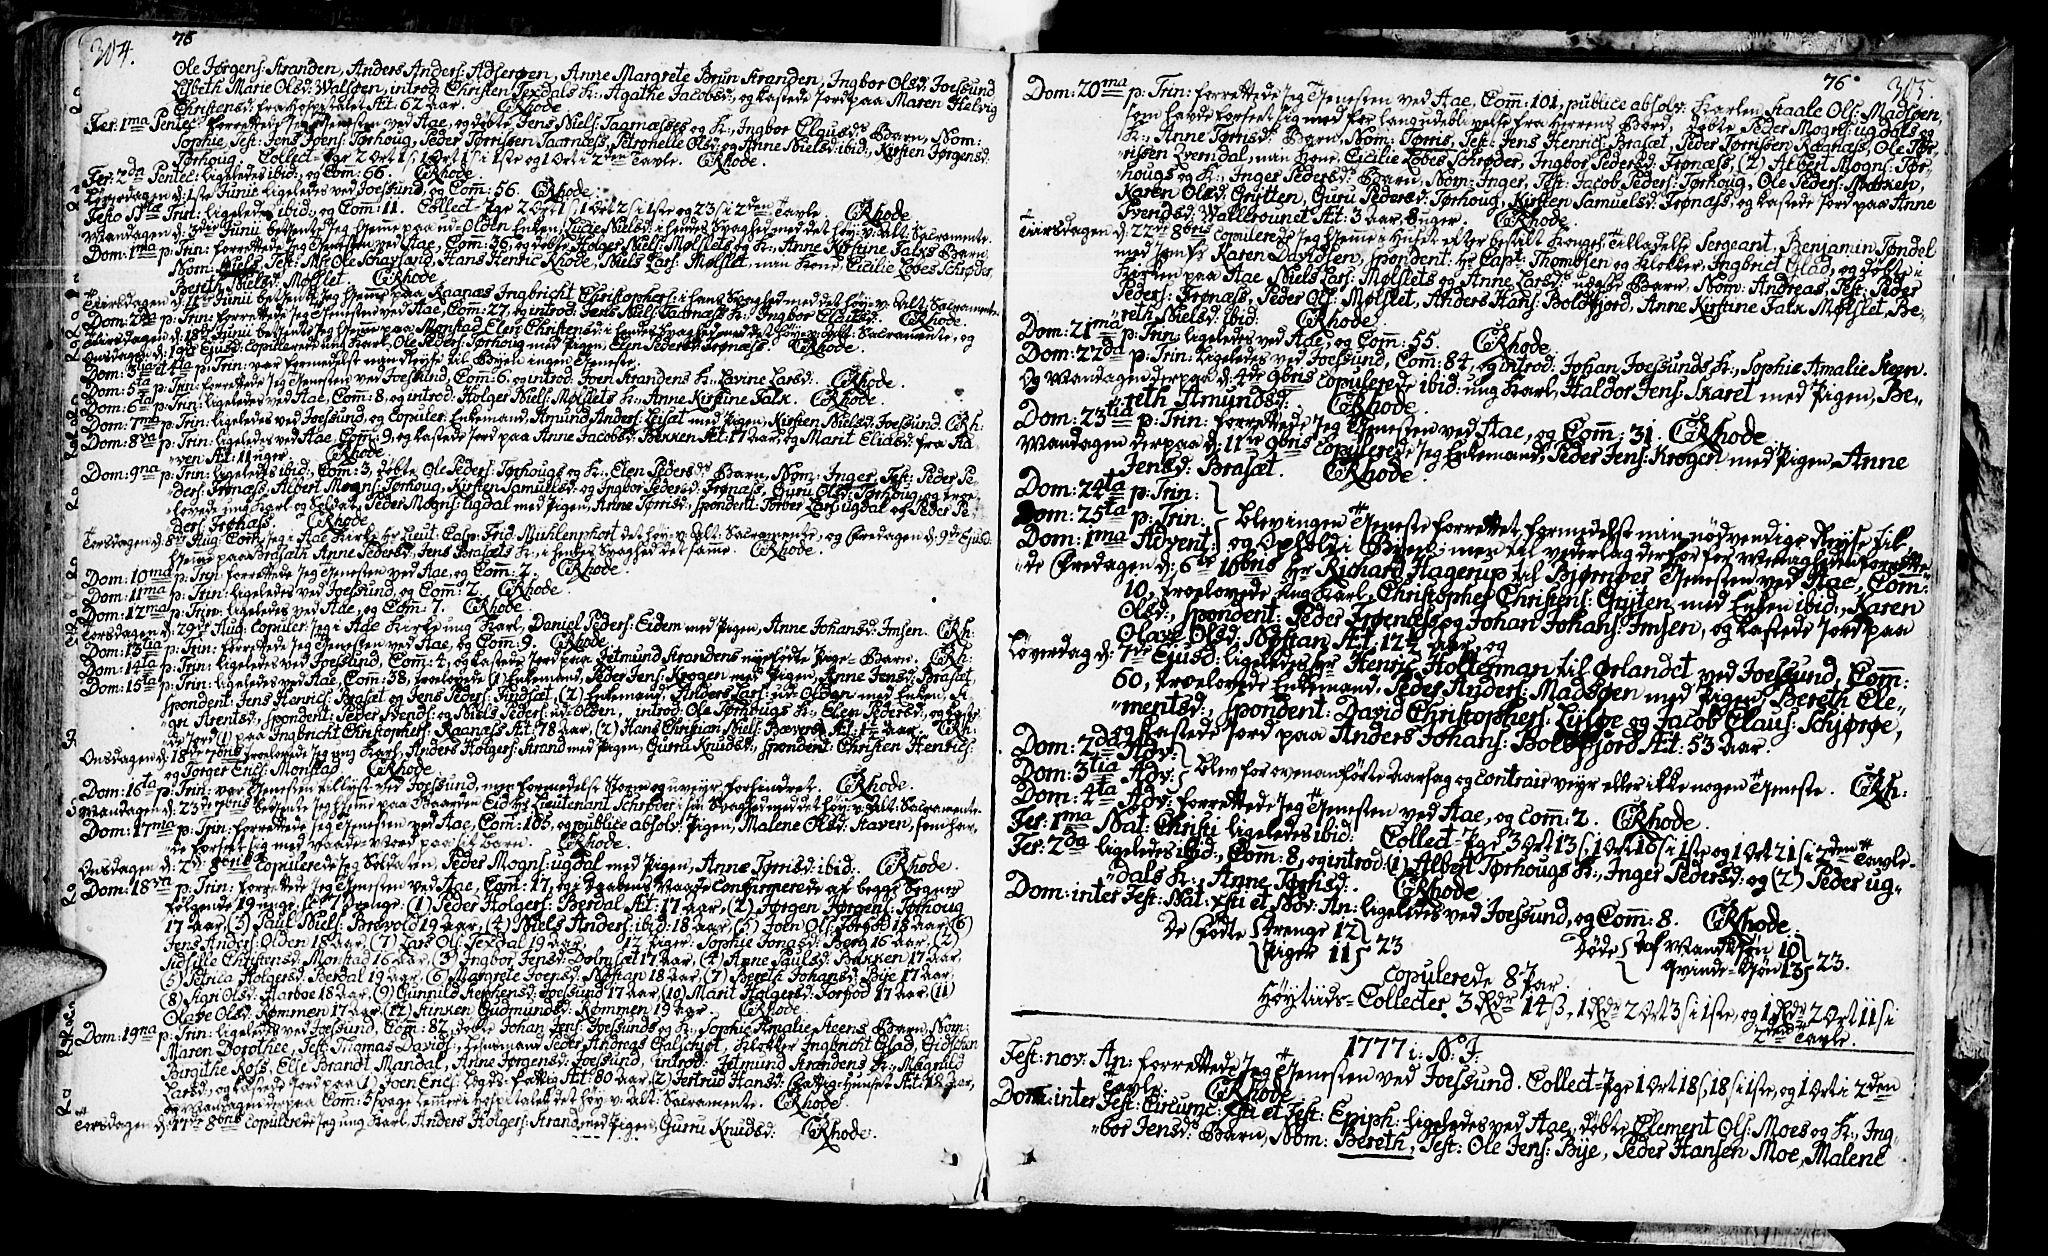 SAT, Ministerialprotokoller, klokkerbøker og fødselsregistre - Sør-Trøndelag, 655/L0672: Ministerialbok nr. 655A01, 1750-1779, s. 304-305